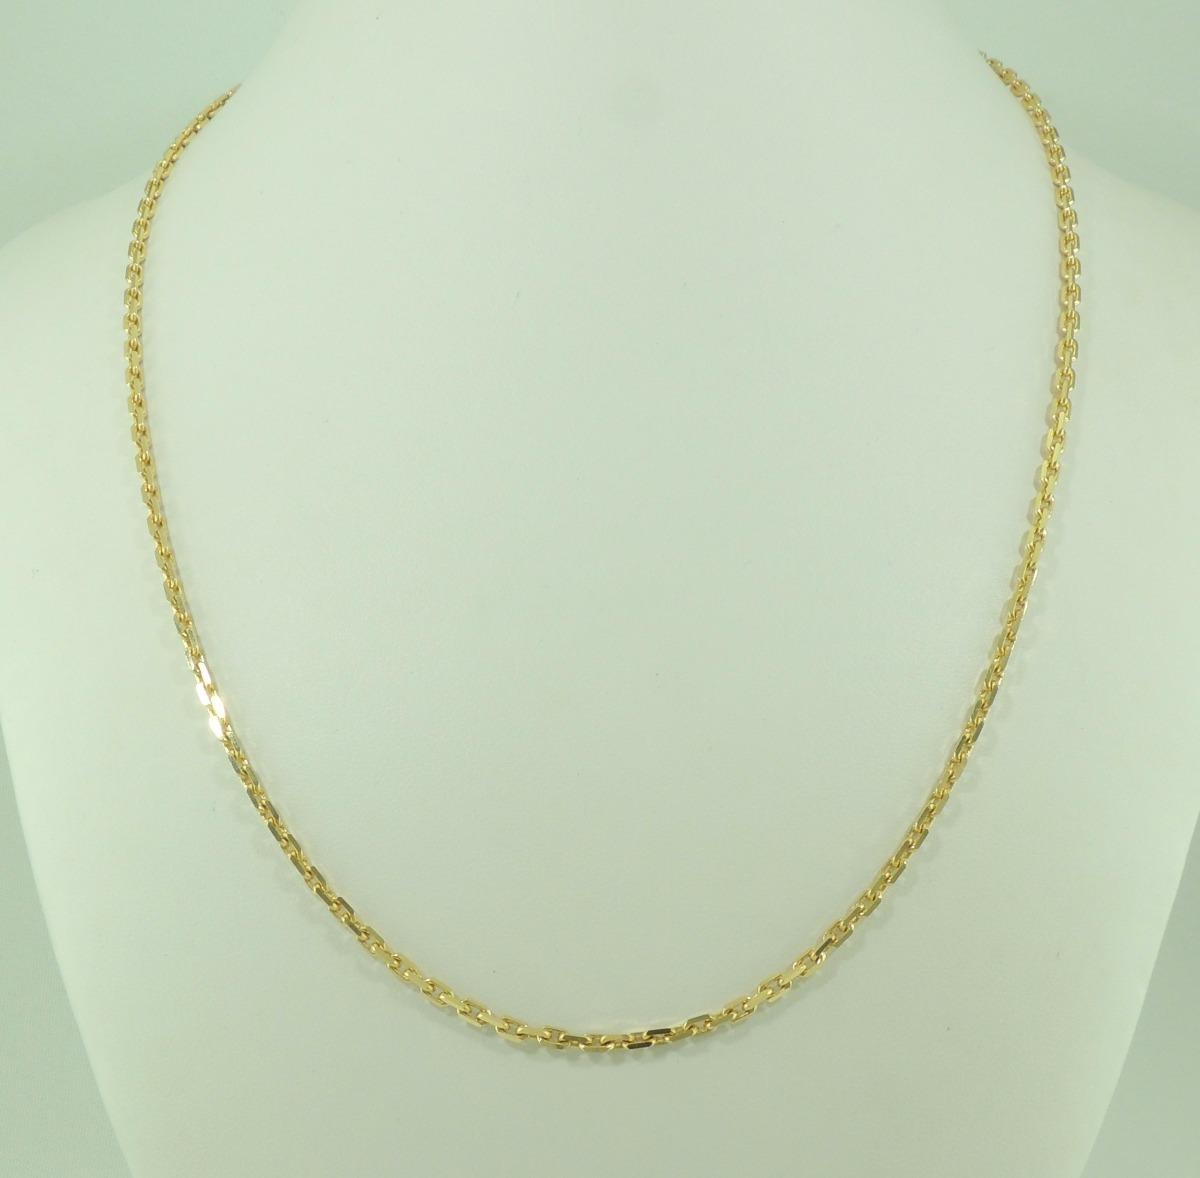 b35830409dd corrente cordão maciço cartie maculino 50cm em ouro 18k 750. Carregando  zoom.